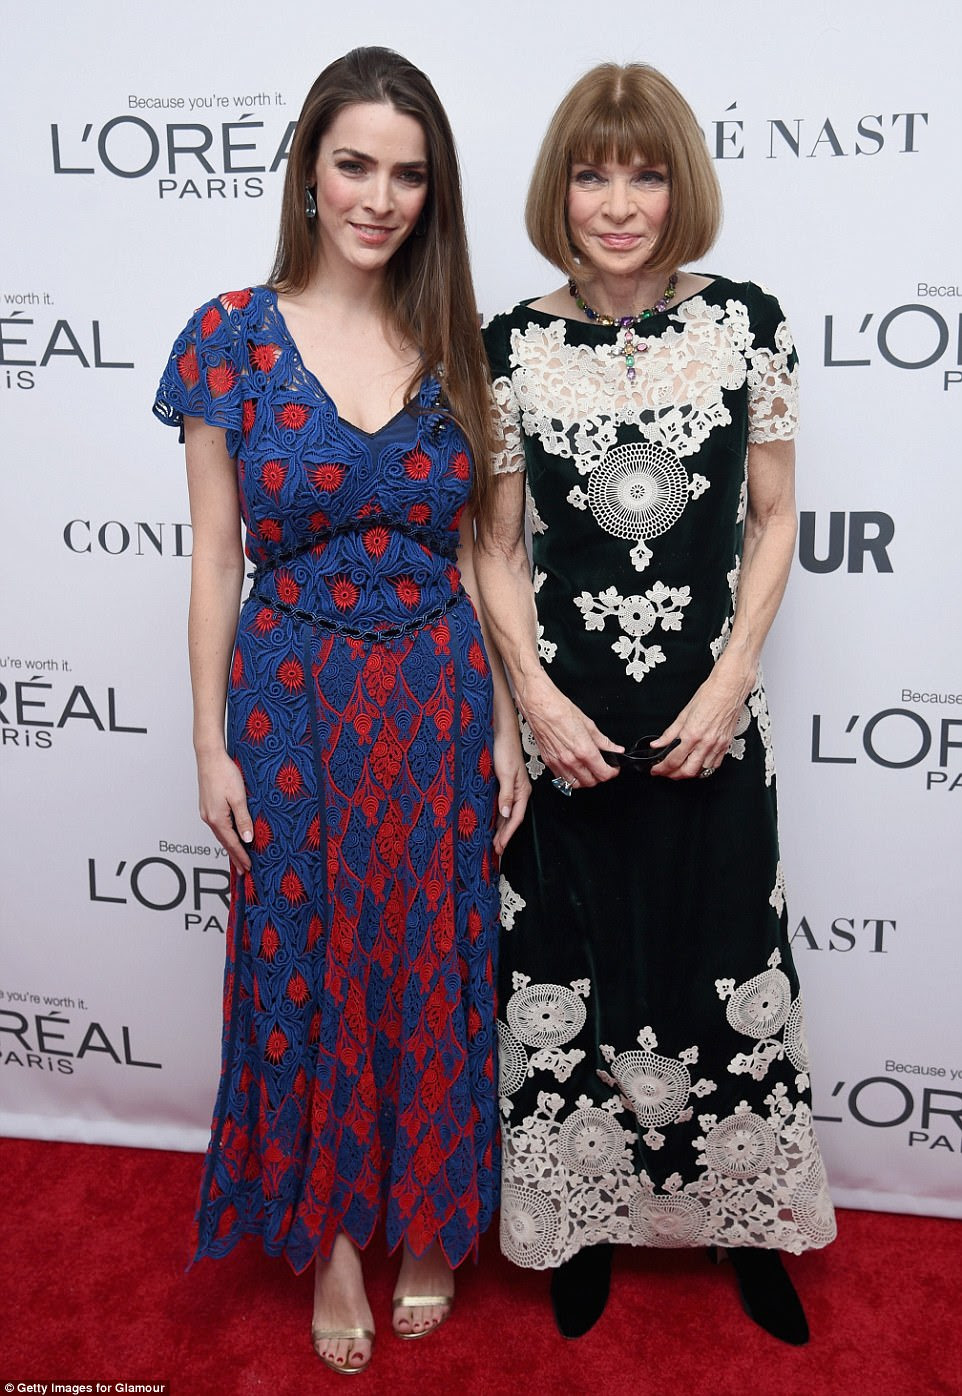 Ícone da moda!  Anna Wintour sorriu com um vestido de renda preto e branco enquanto frequentava a cerimônia ao lado de sua filha, Bee Shaffer